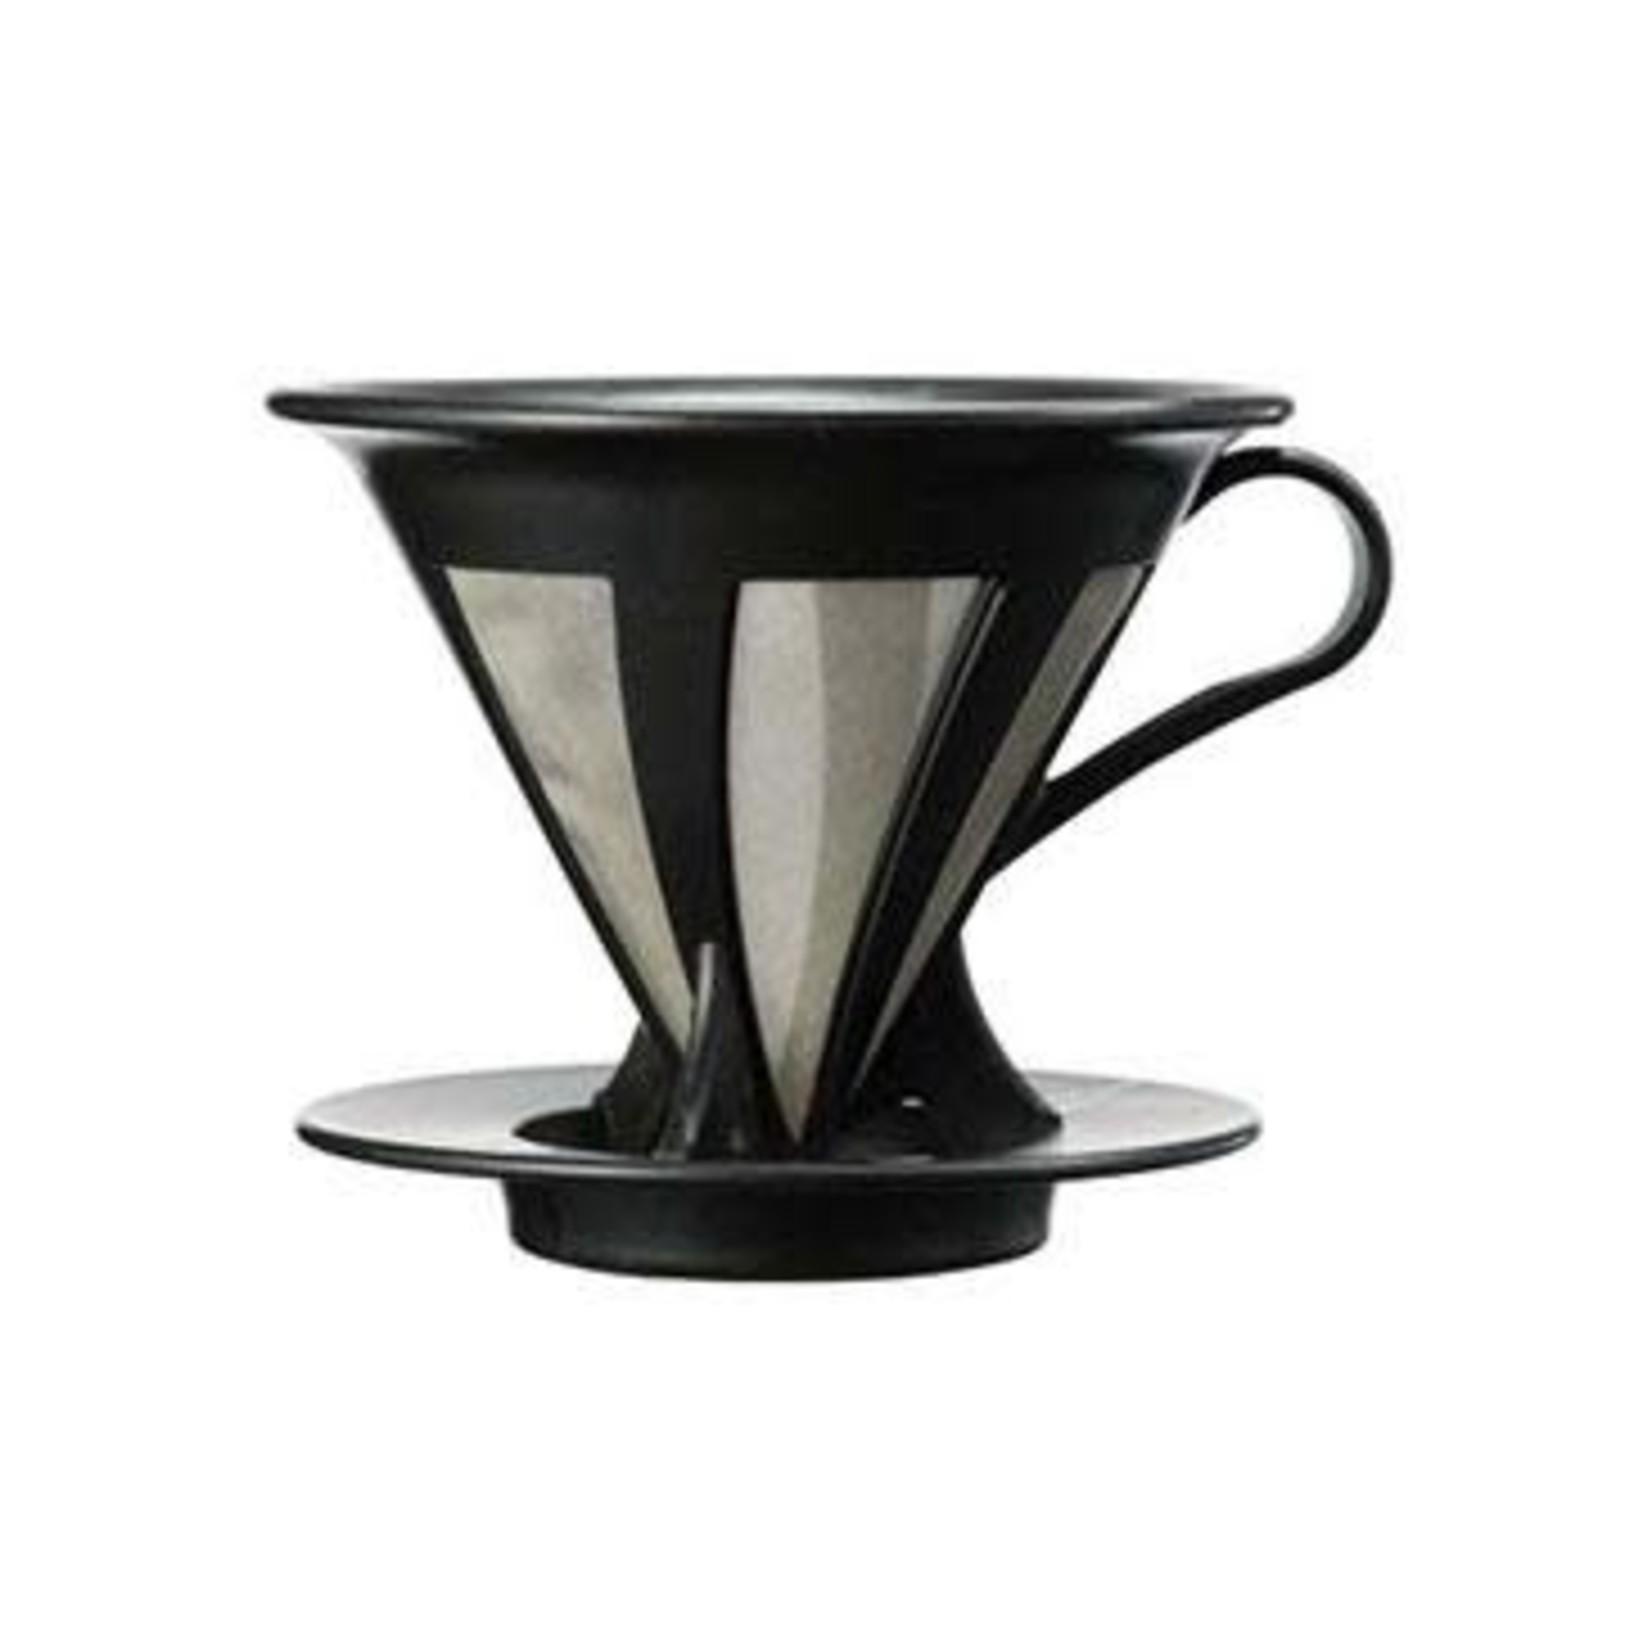 Hario Hario CafeOr 02 1-4 Cup Dripper